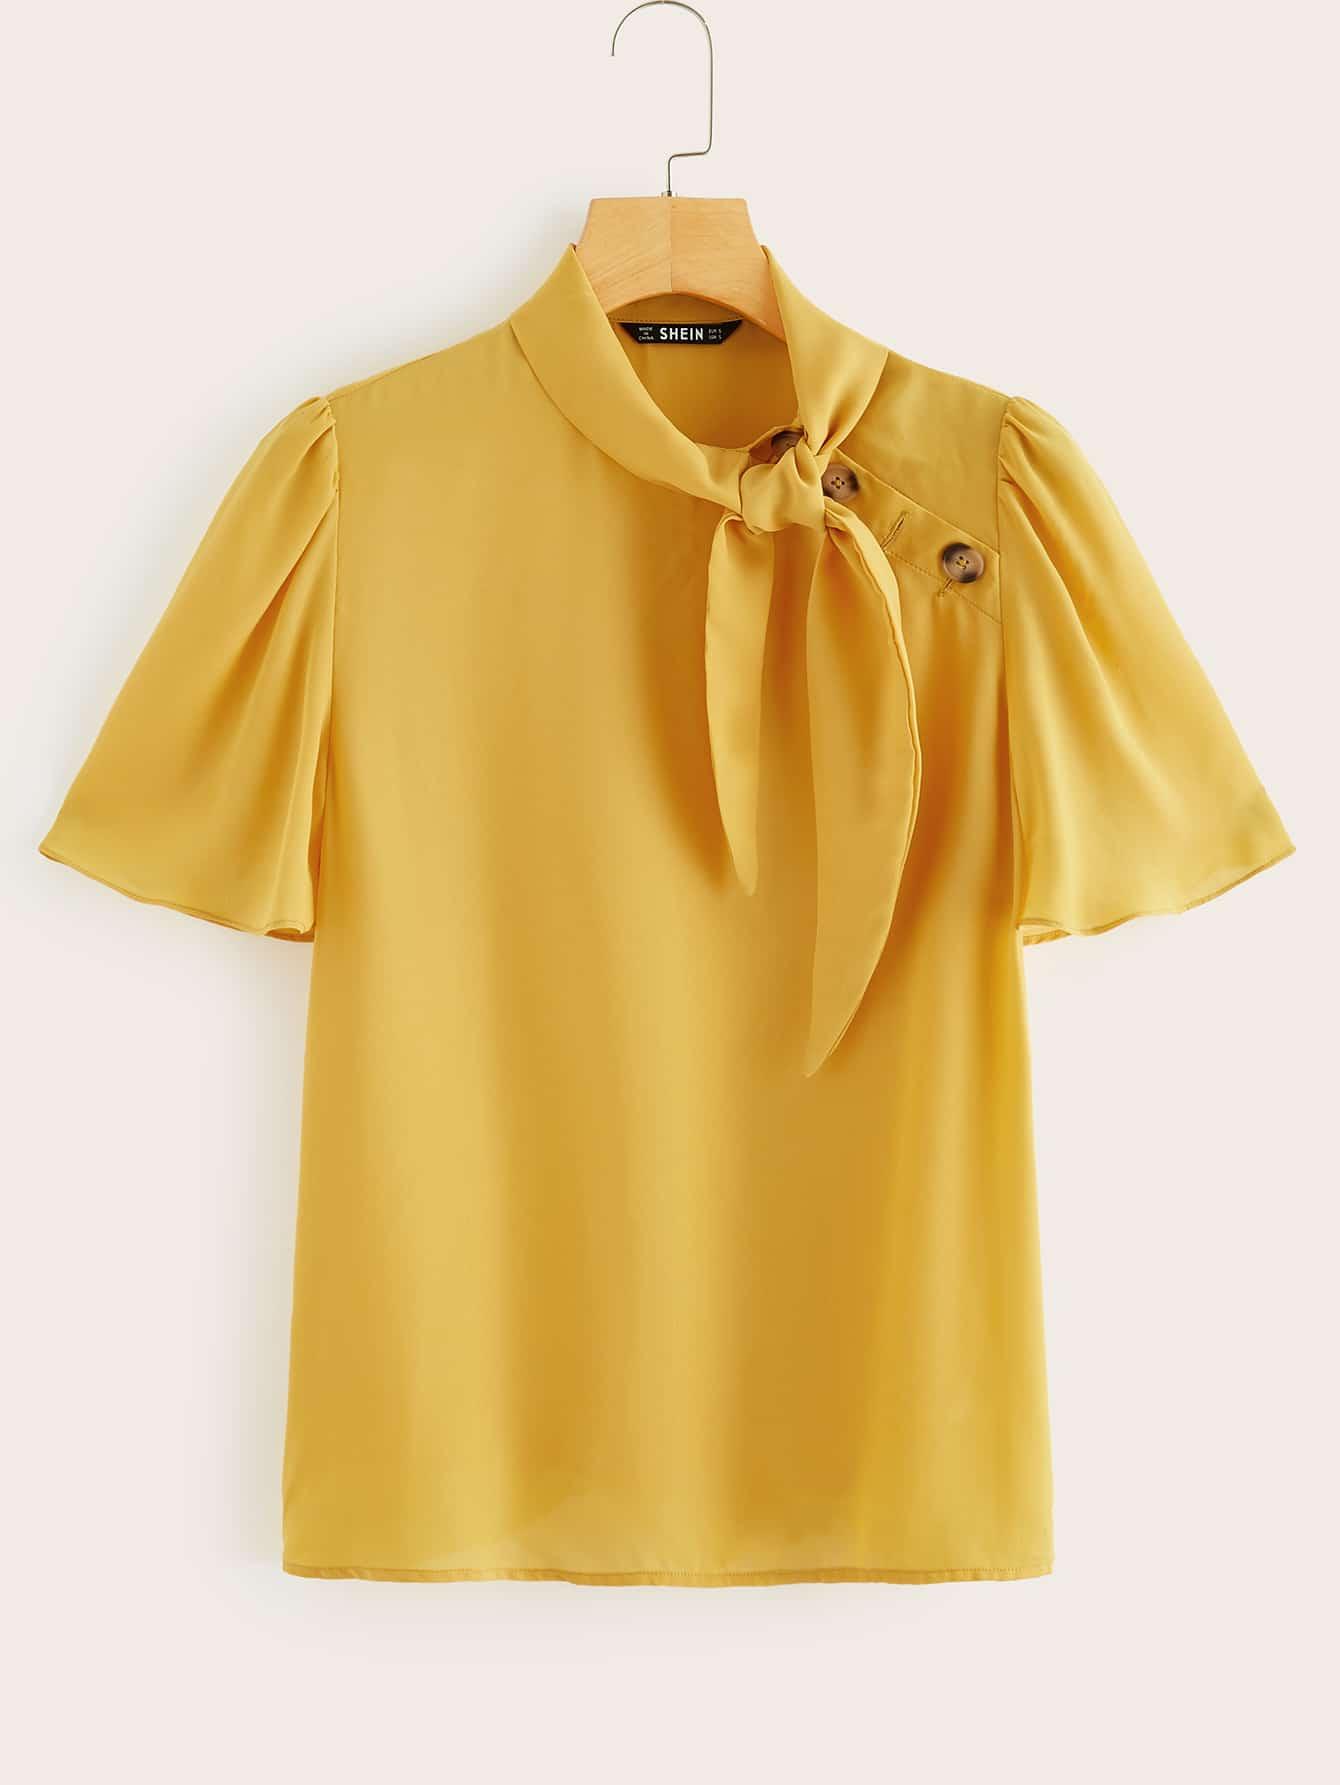 Блуза с завязкой на шее и оригинальным рукавом, null, SheIn  - купить со скидкой